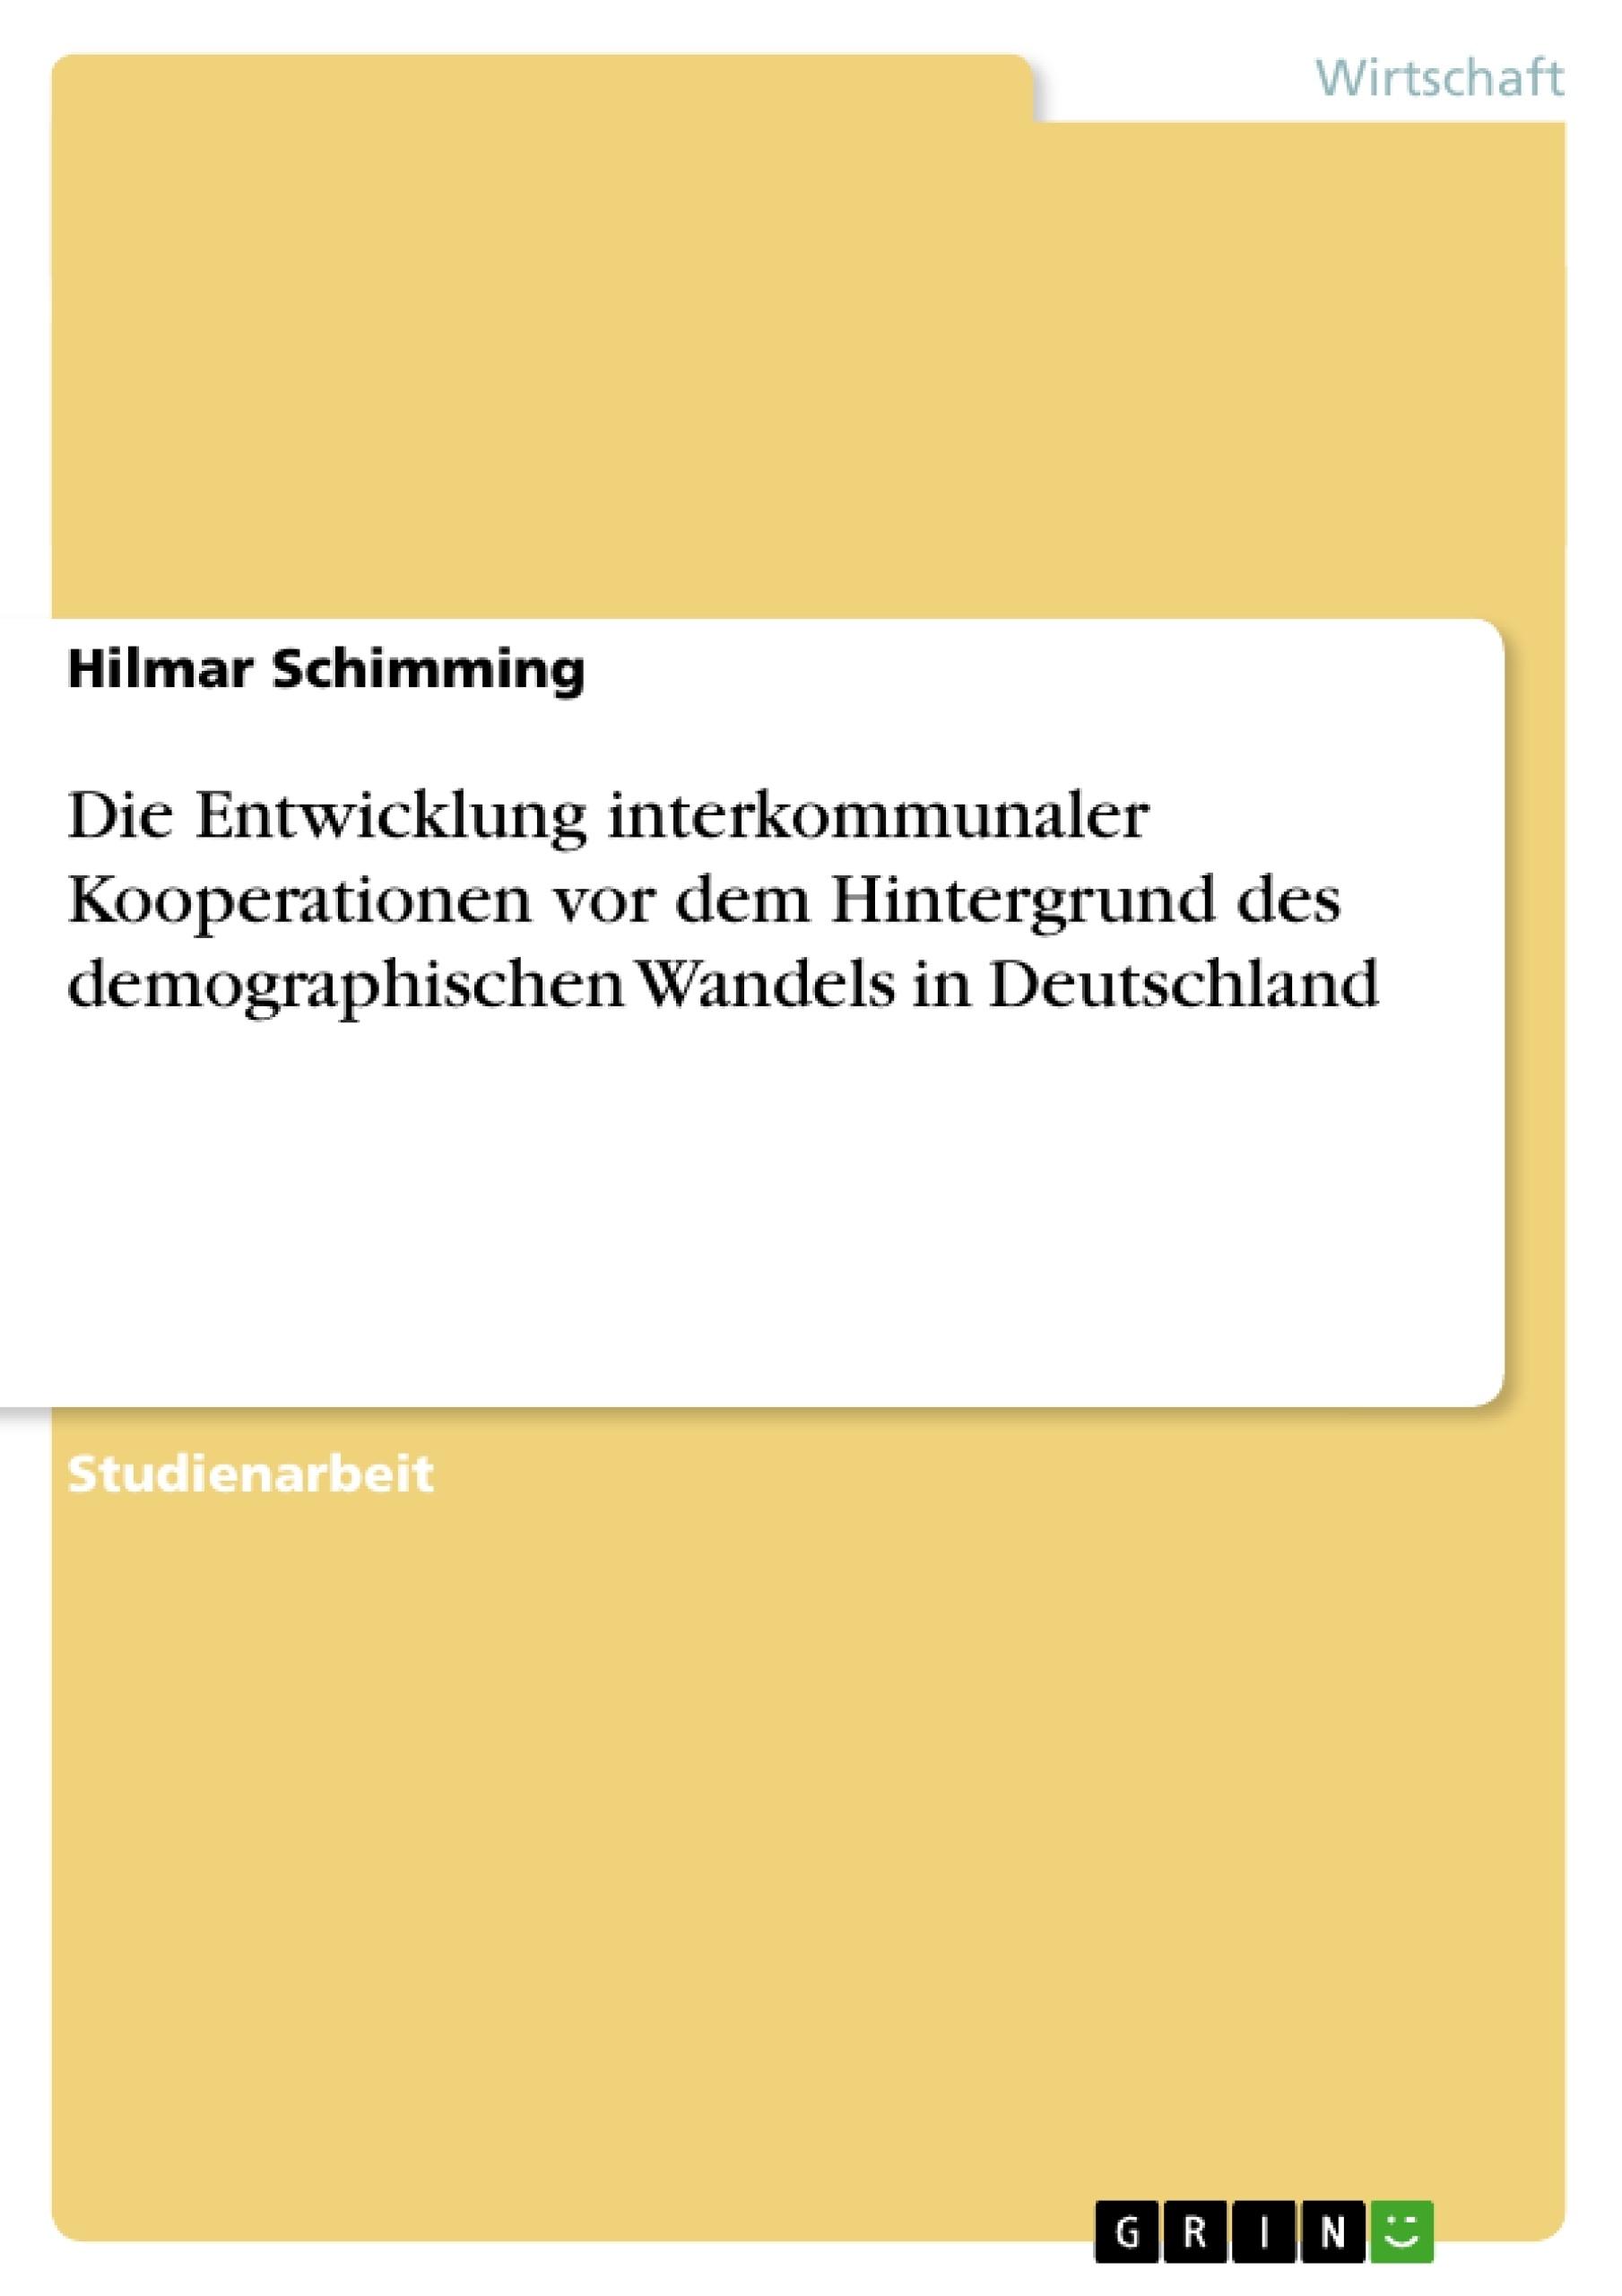 Titel: Die Entwicklung interkommunaler Kooperationen vor dem Hintergrund des demographischen Wandels in Deutschland